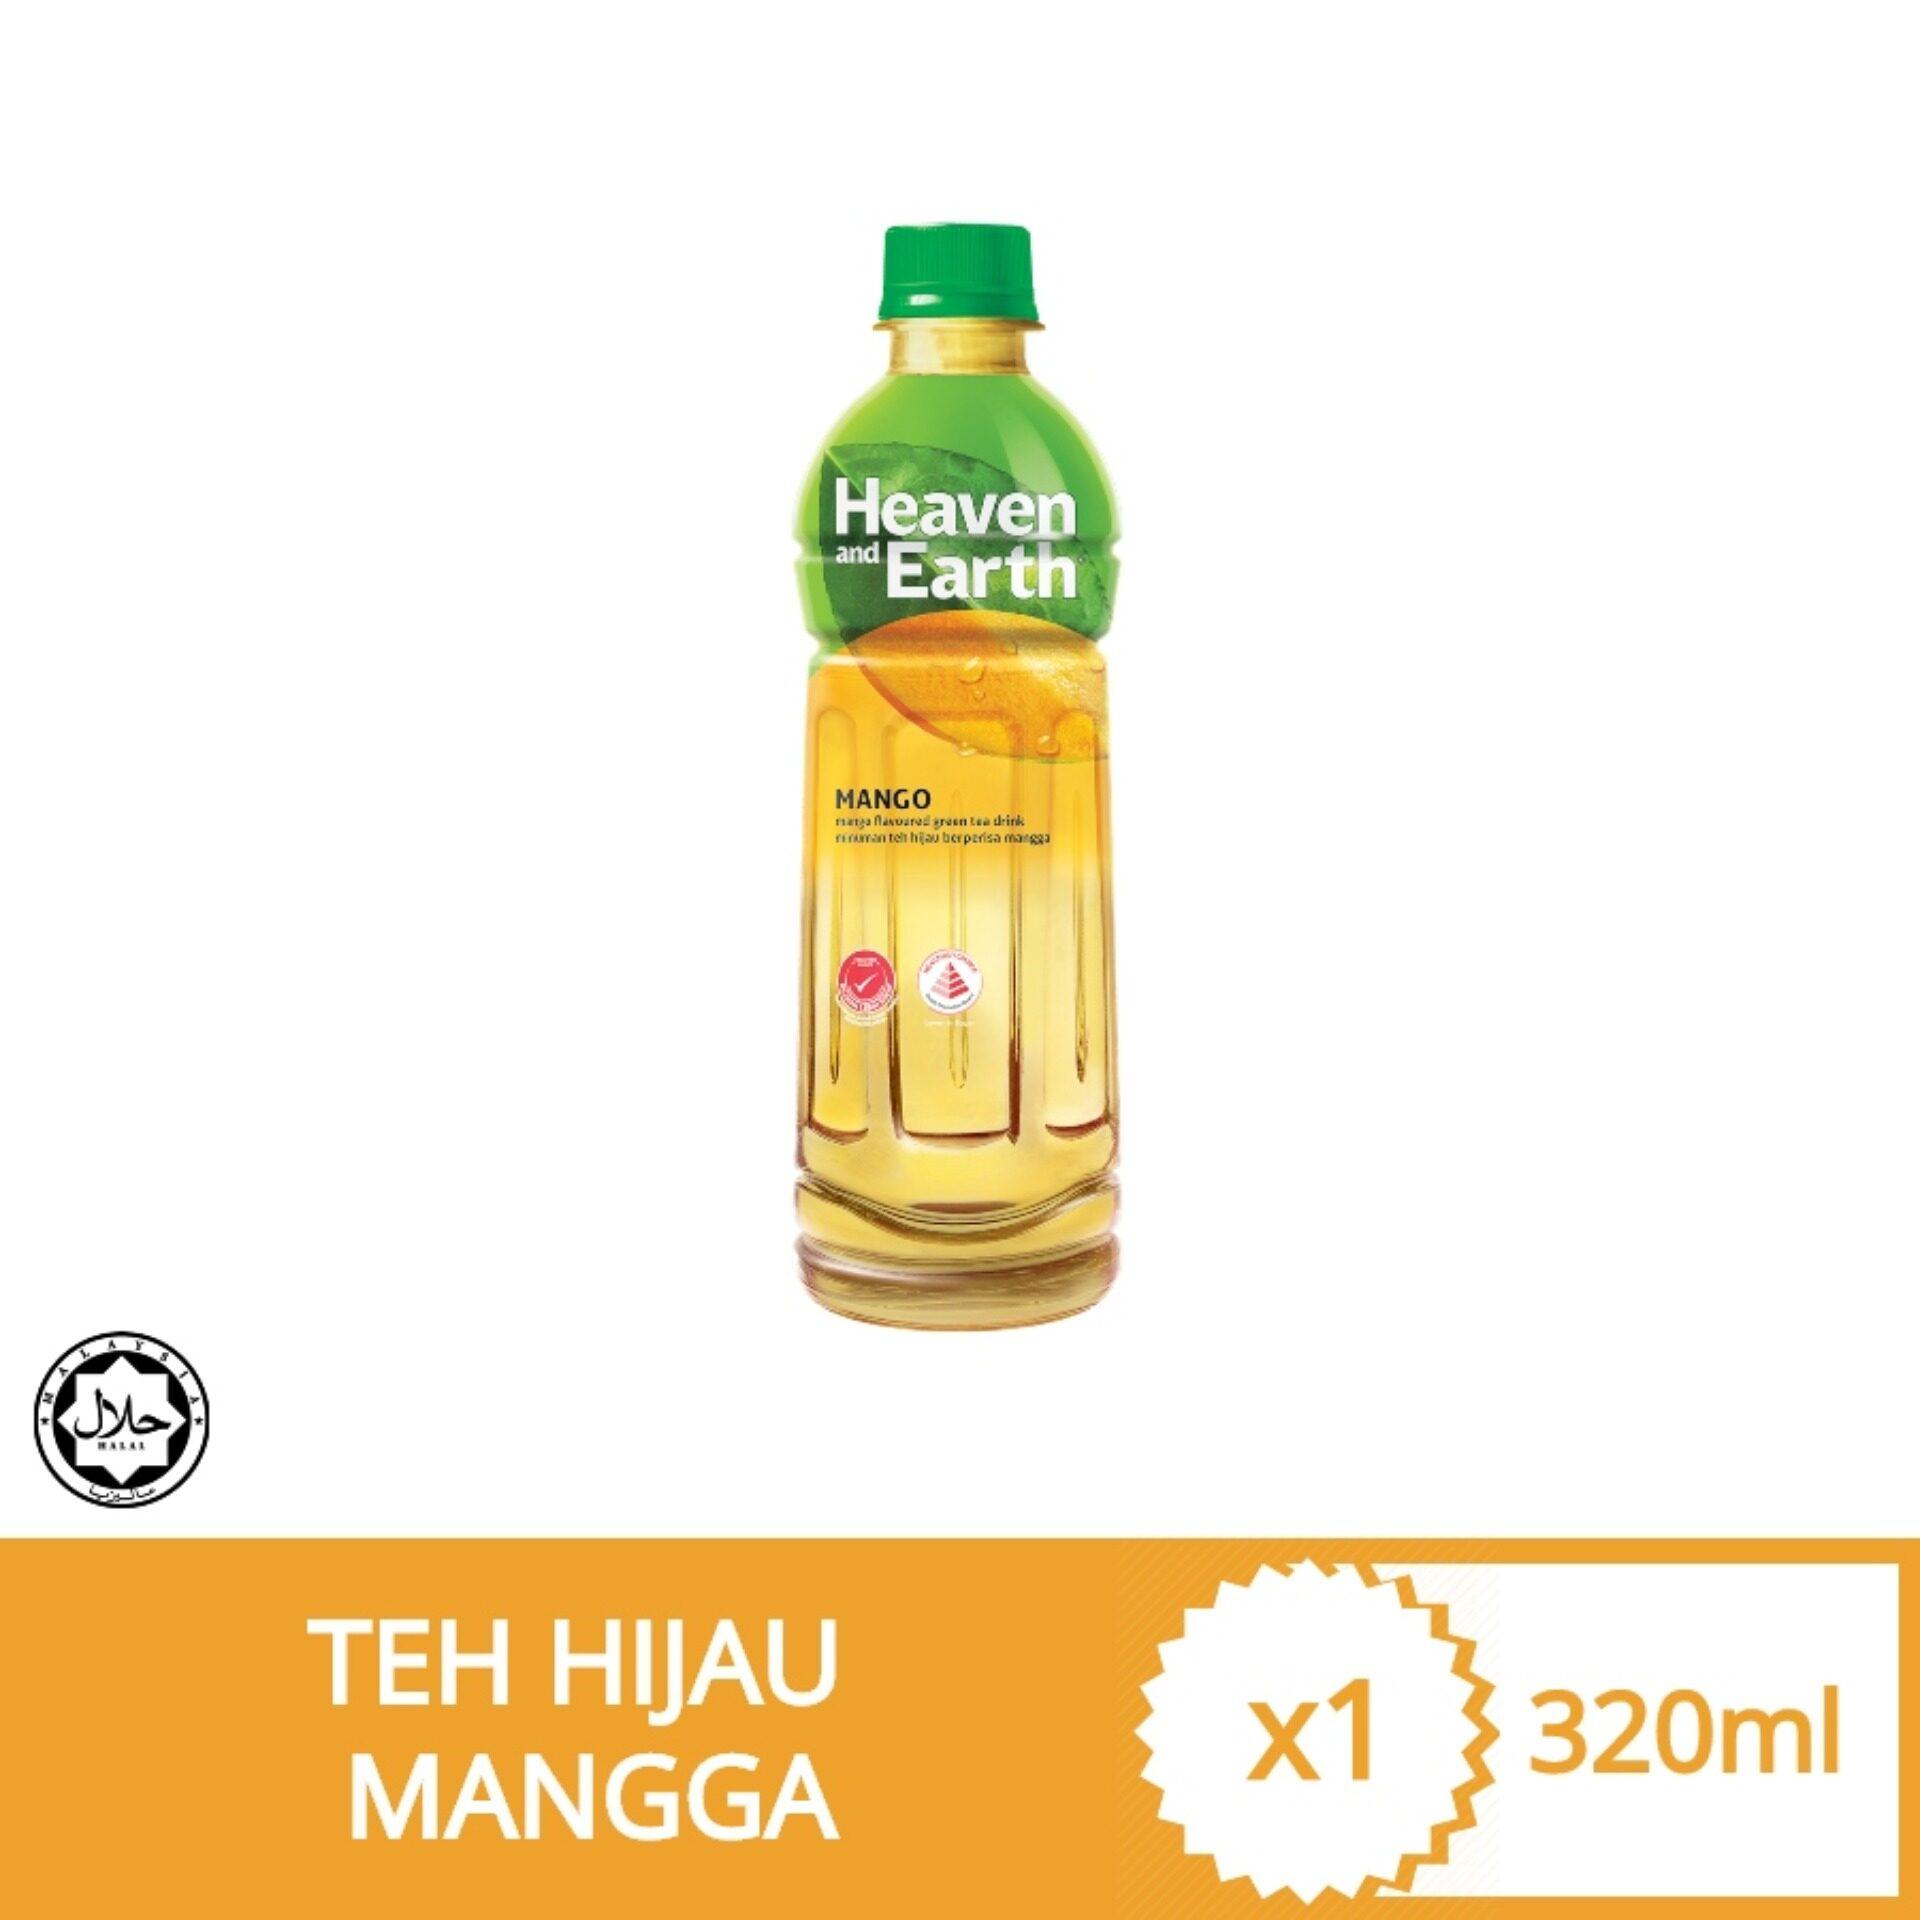 [BIGBox Asia] Heaven and Earth Mango Green Tea 500ml